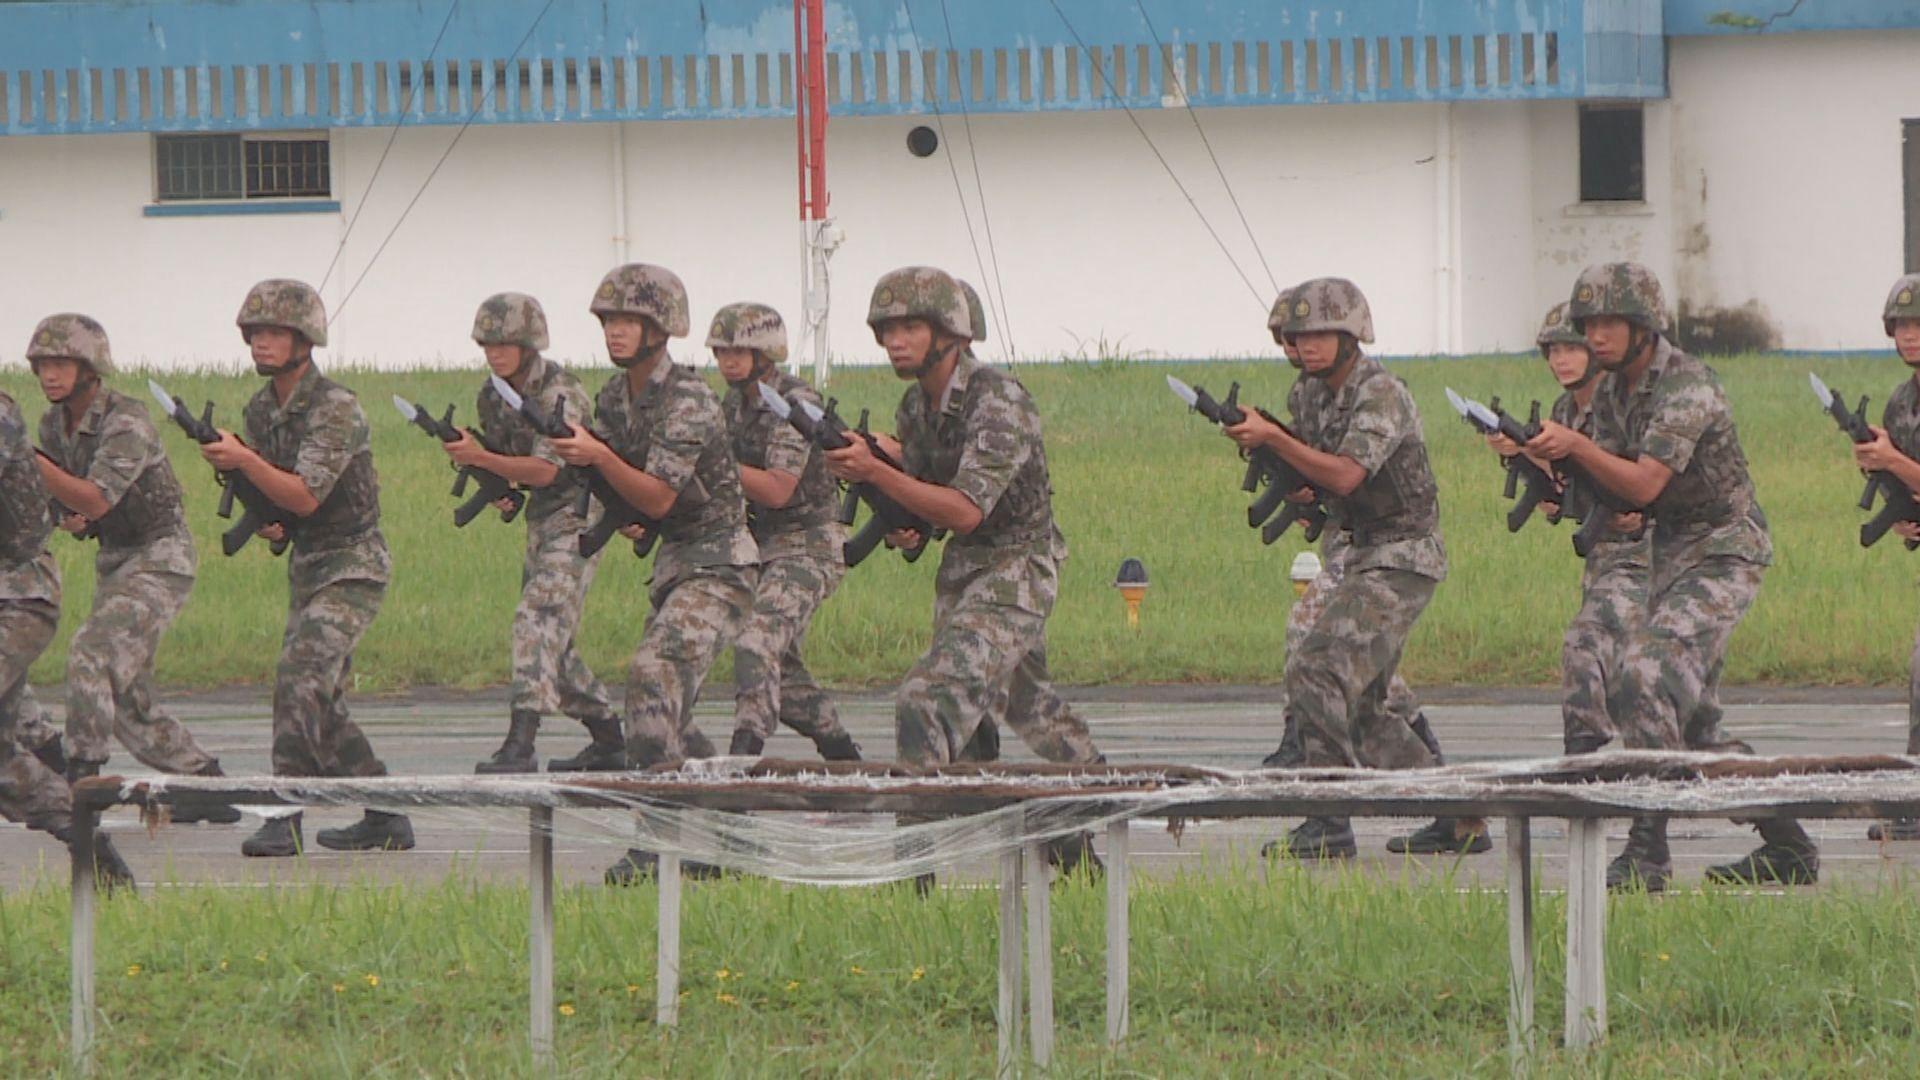 譚耀宗:有人挑釁中央出動解放軍以玉石俱焚